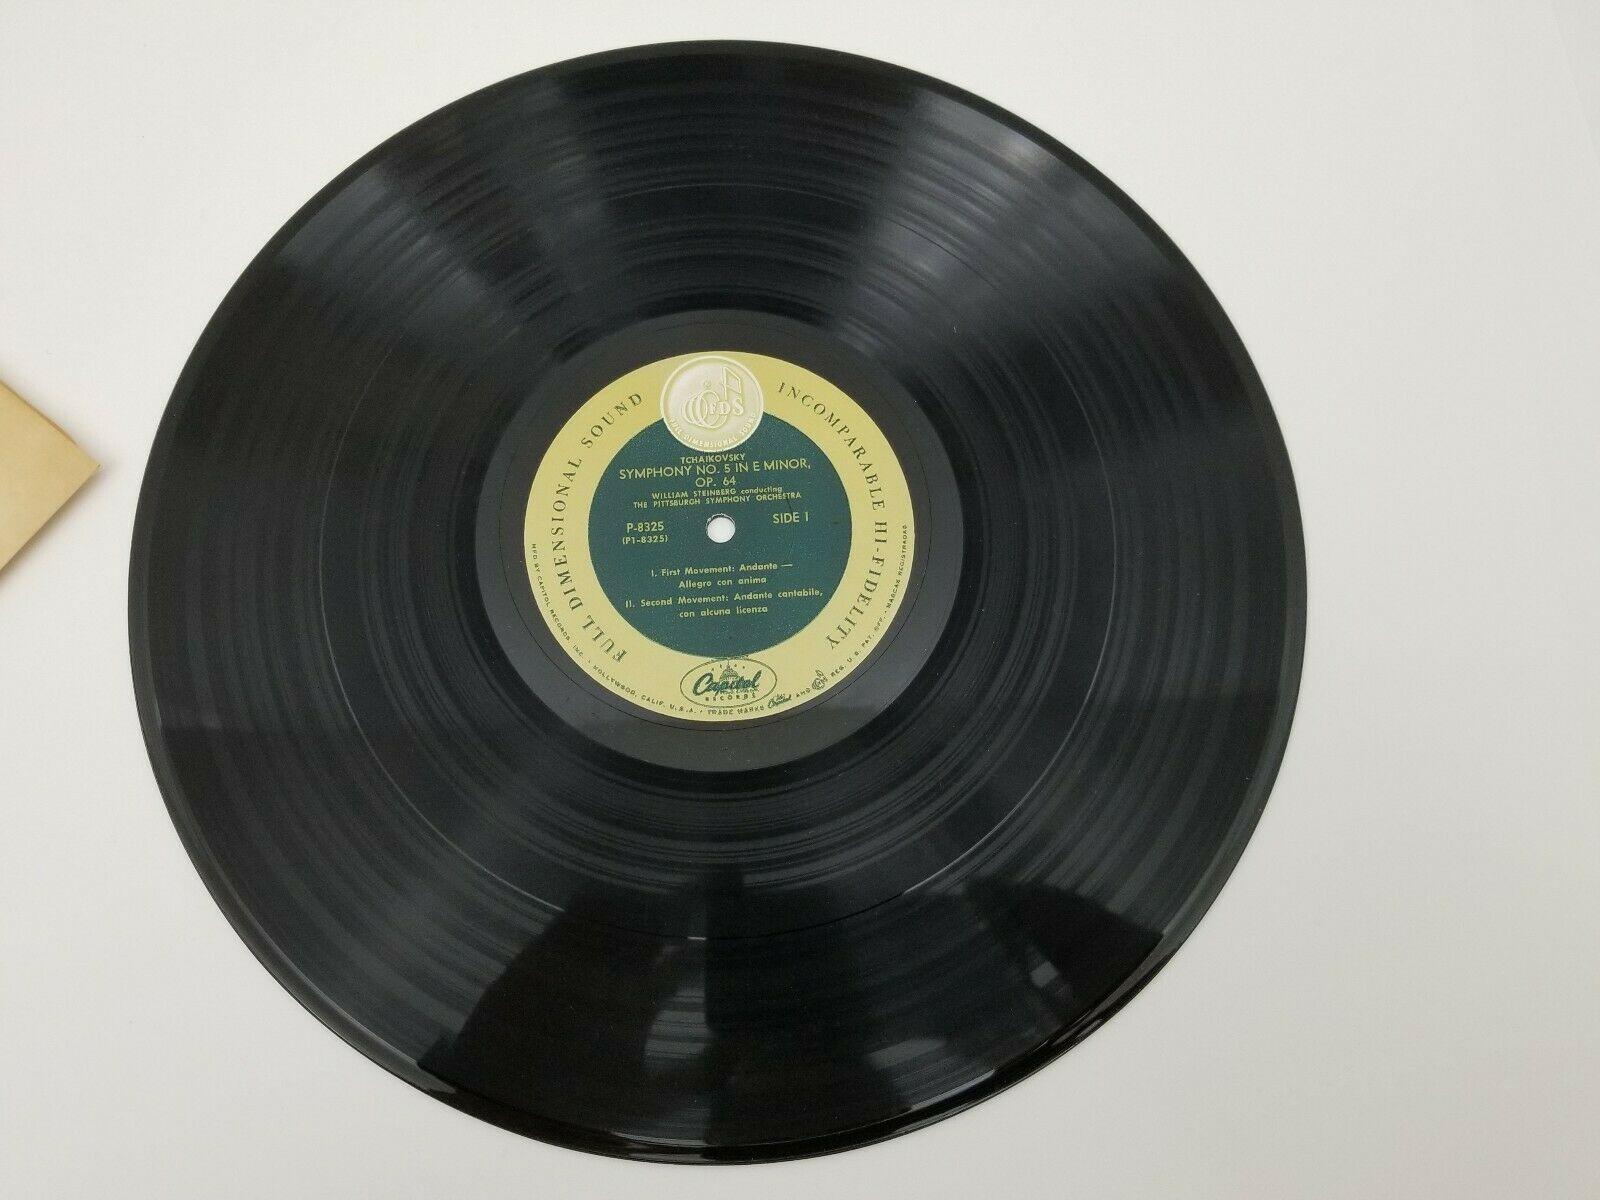 Tchaikovsky Symphony No. 5 Vinyl Record LP Pittsburgh Symphony Orchestra P8325